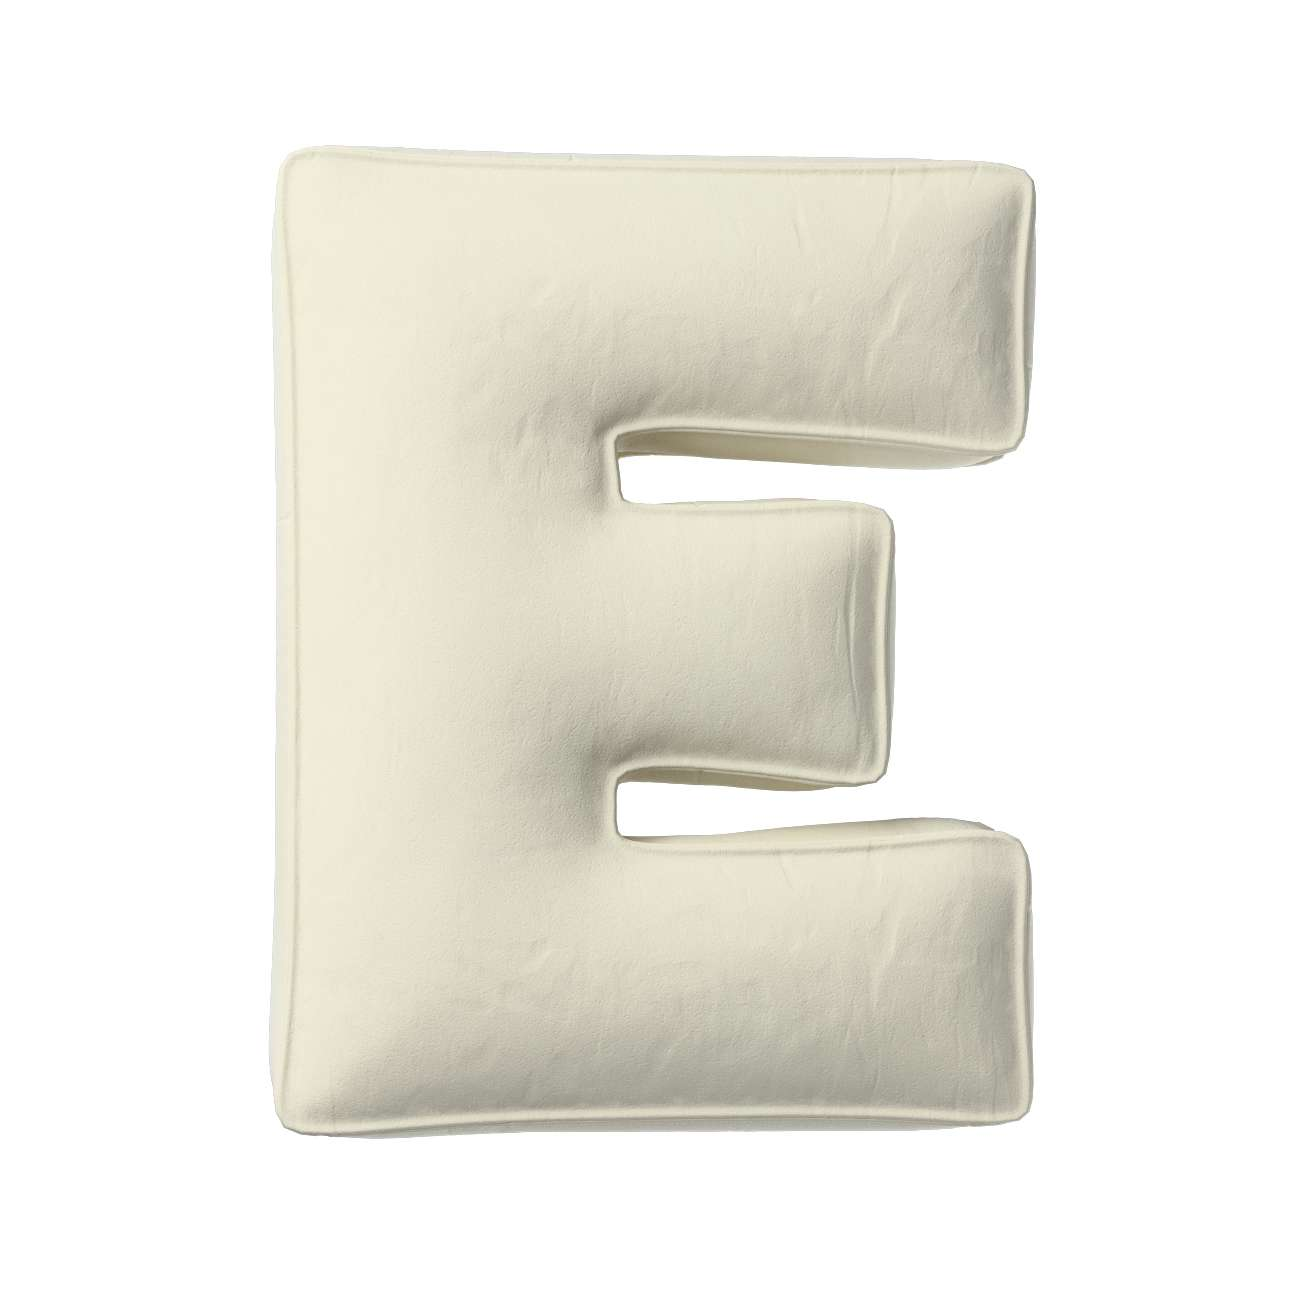 Raidė pagalvėlė E kolekcijoje Posh Velvet, audinys: 704-10